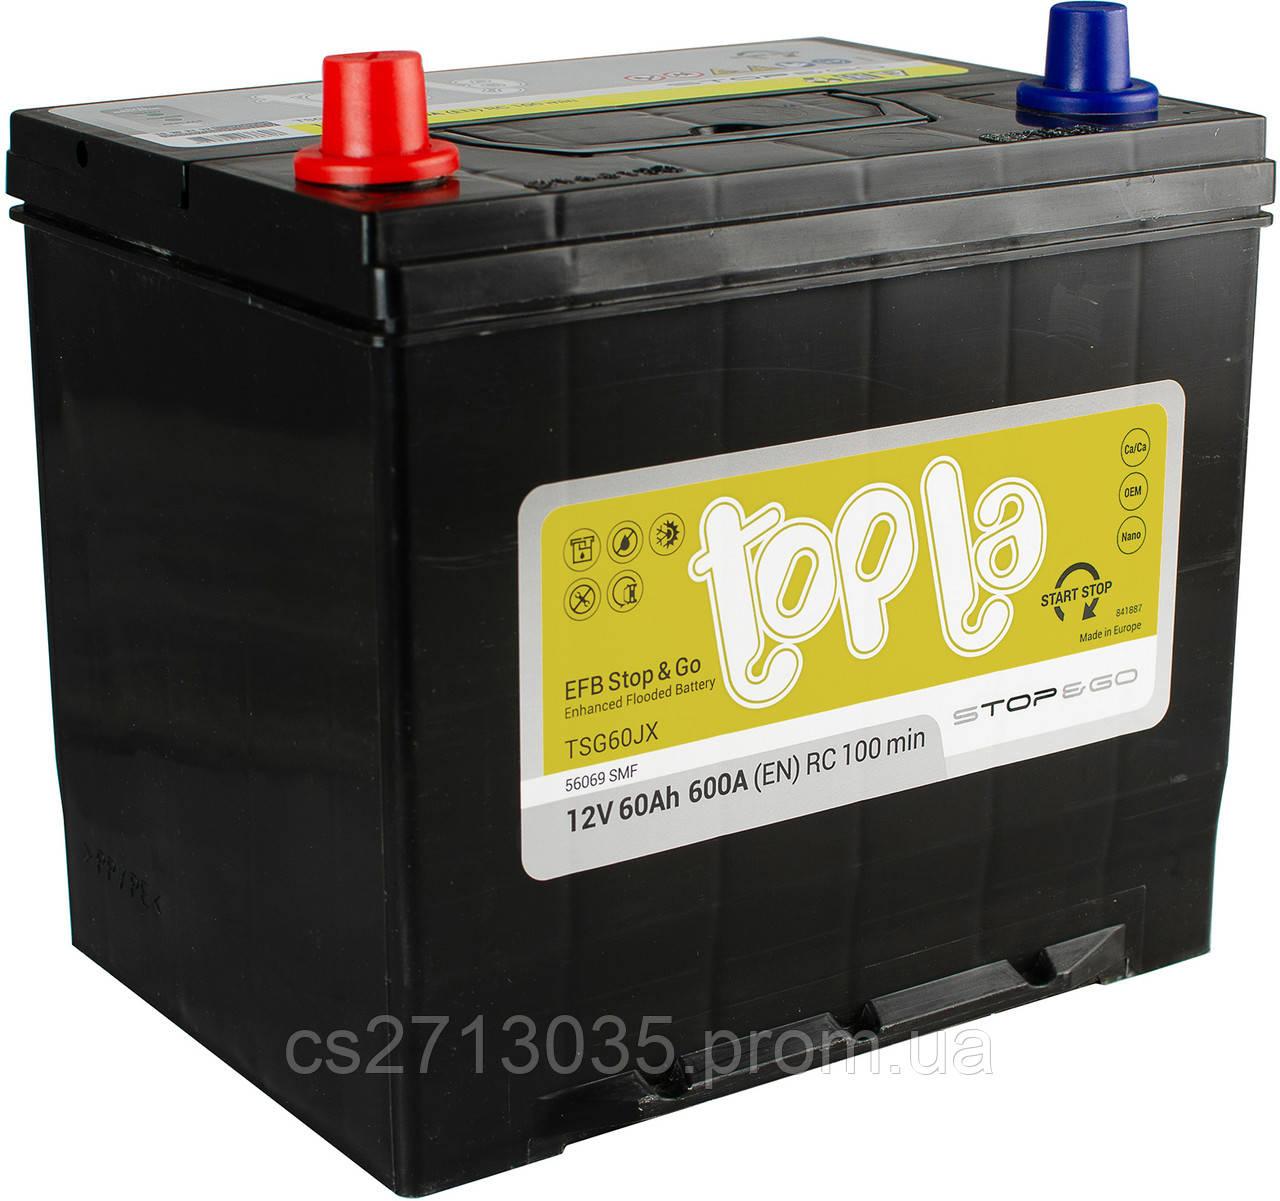 Автомобильный аккумулятор Topla EFB asia 60 Ач 600 А (0) R+